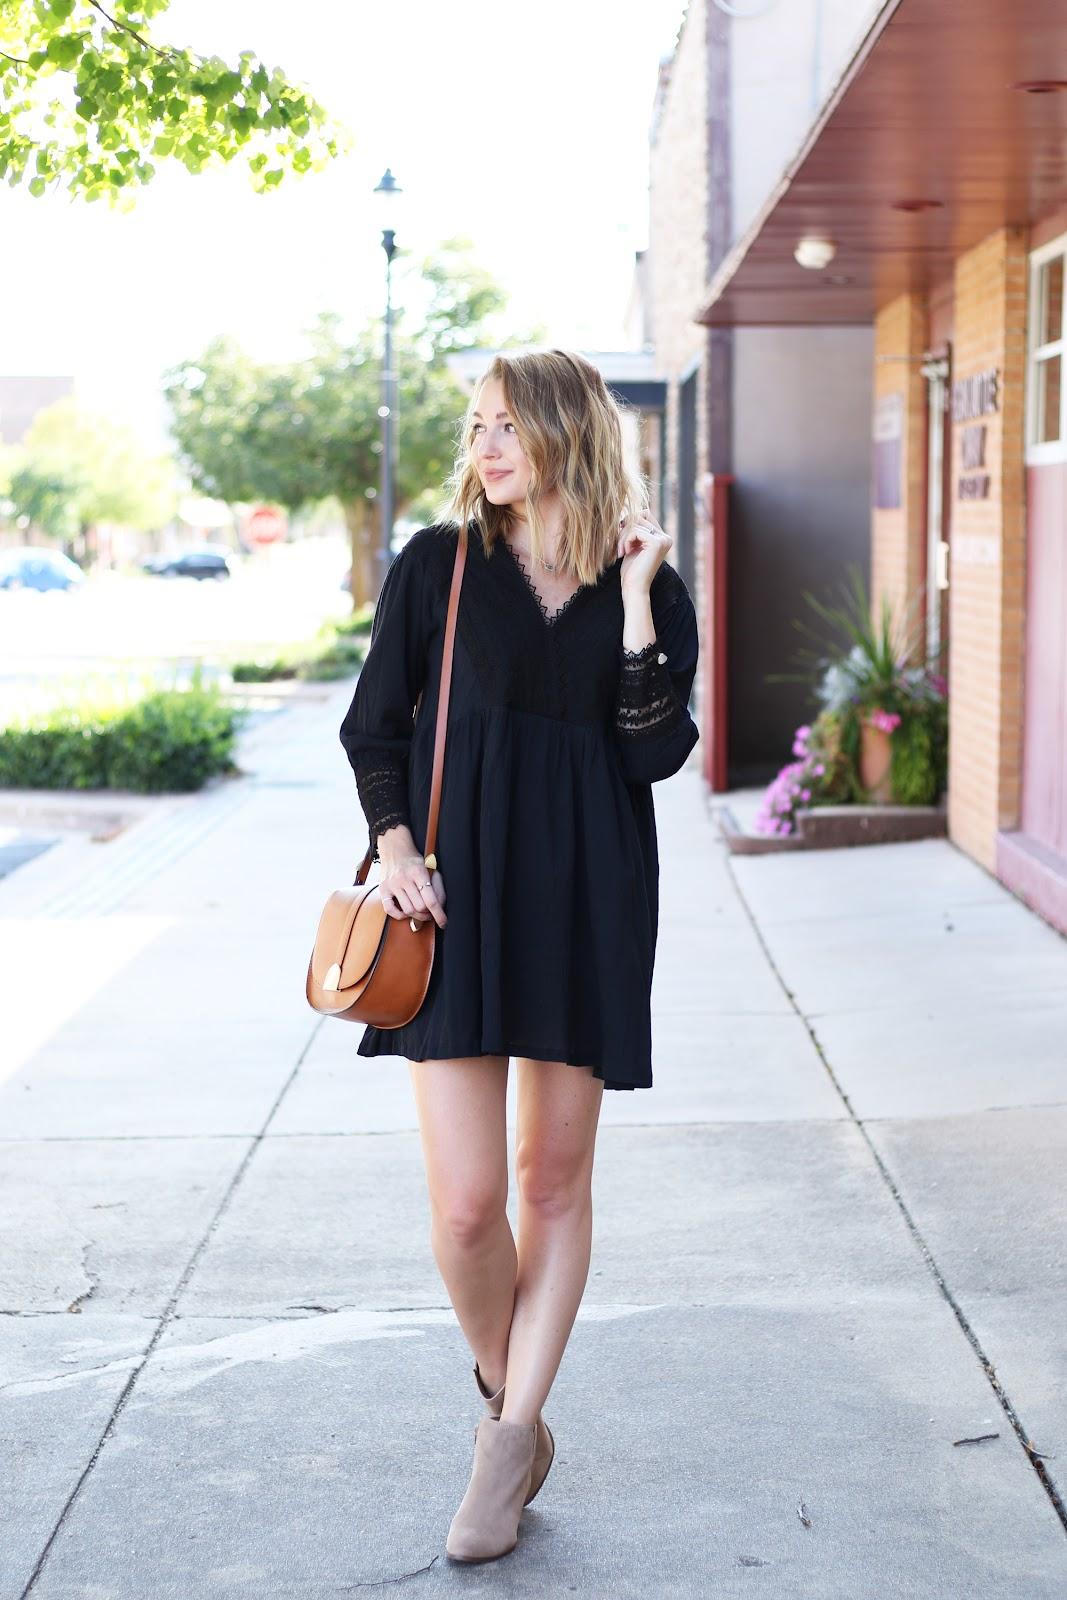 Boho fall dress